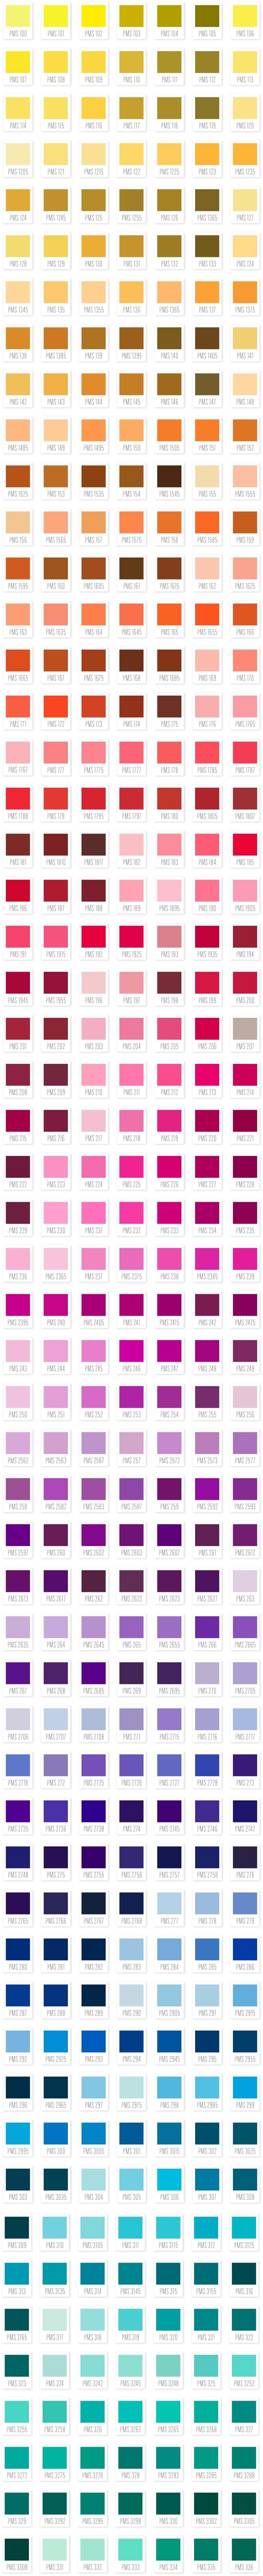 Carta Colores Pantone Ral Pintura Pintar Paredes - Carta-colores-pintura-pared